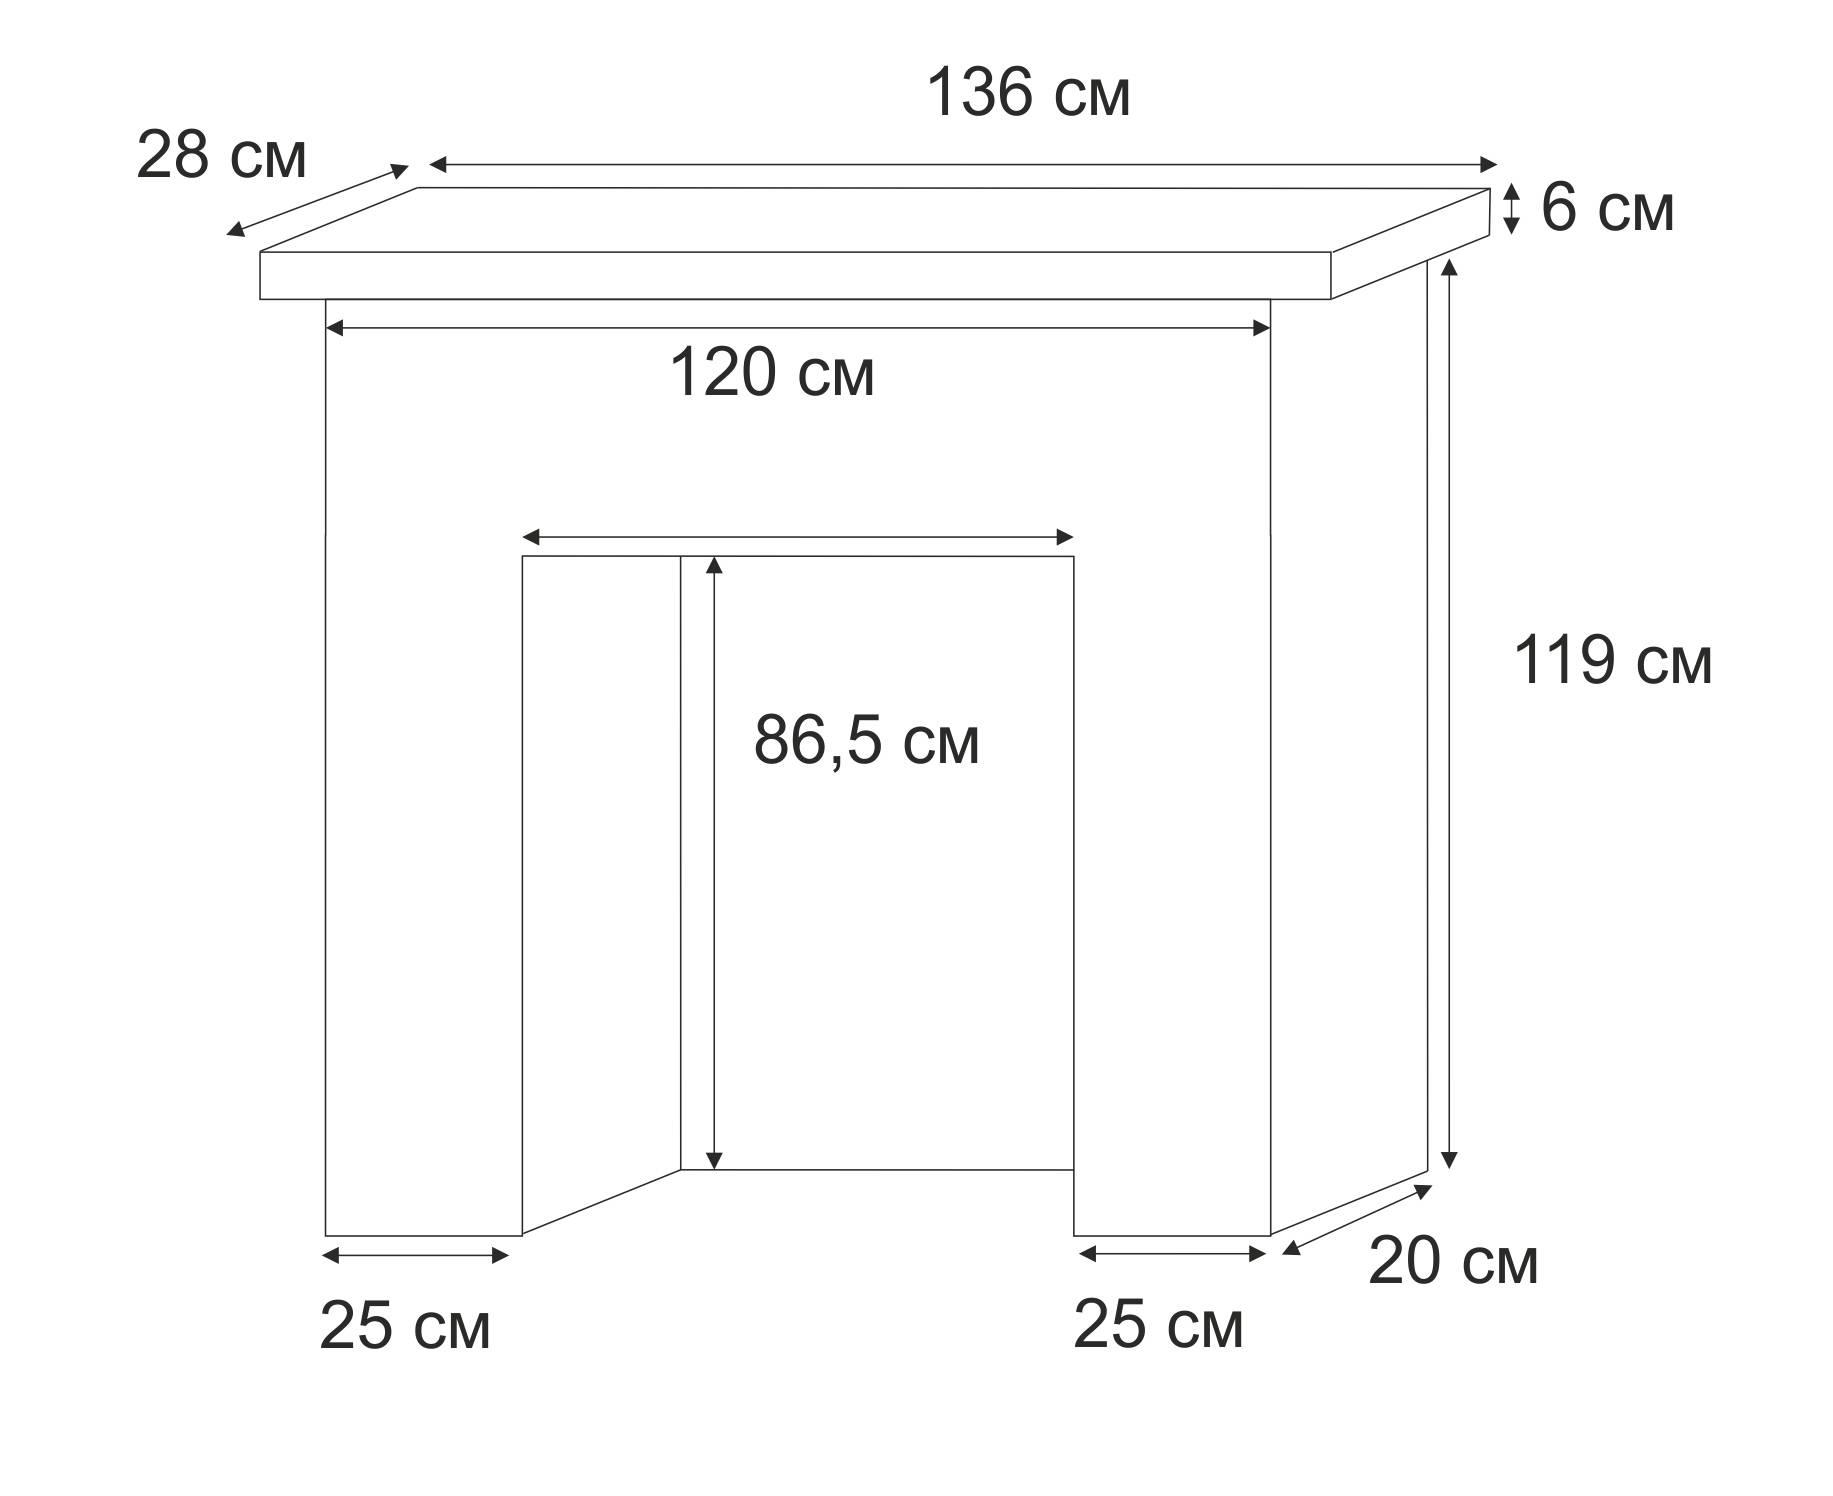 Камин из гипсокартона своими руками (81 фото): пошаговая инструкция по изготовлению, как сделать декоративный вариант, примеры в интерьере гостиной